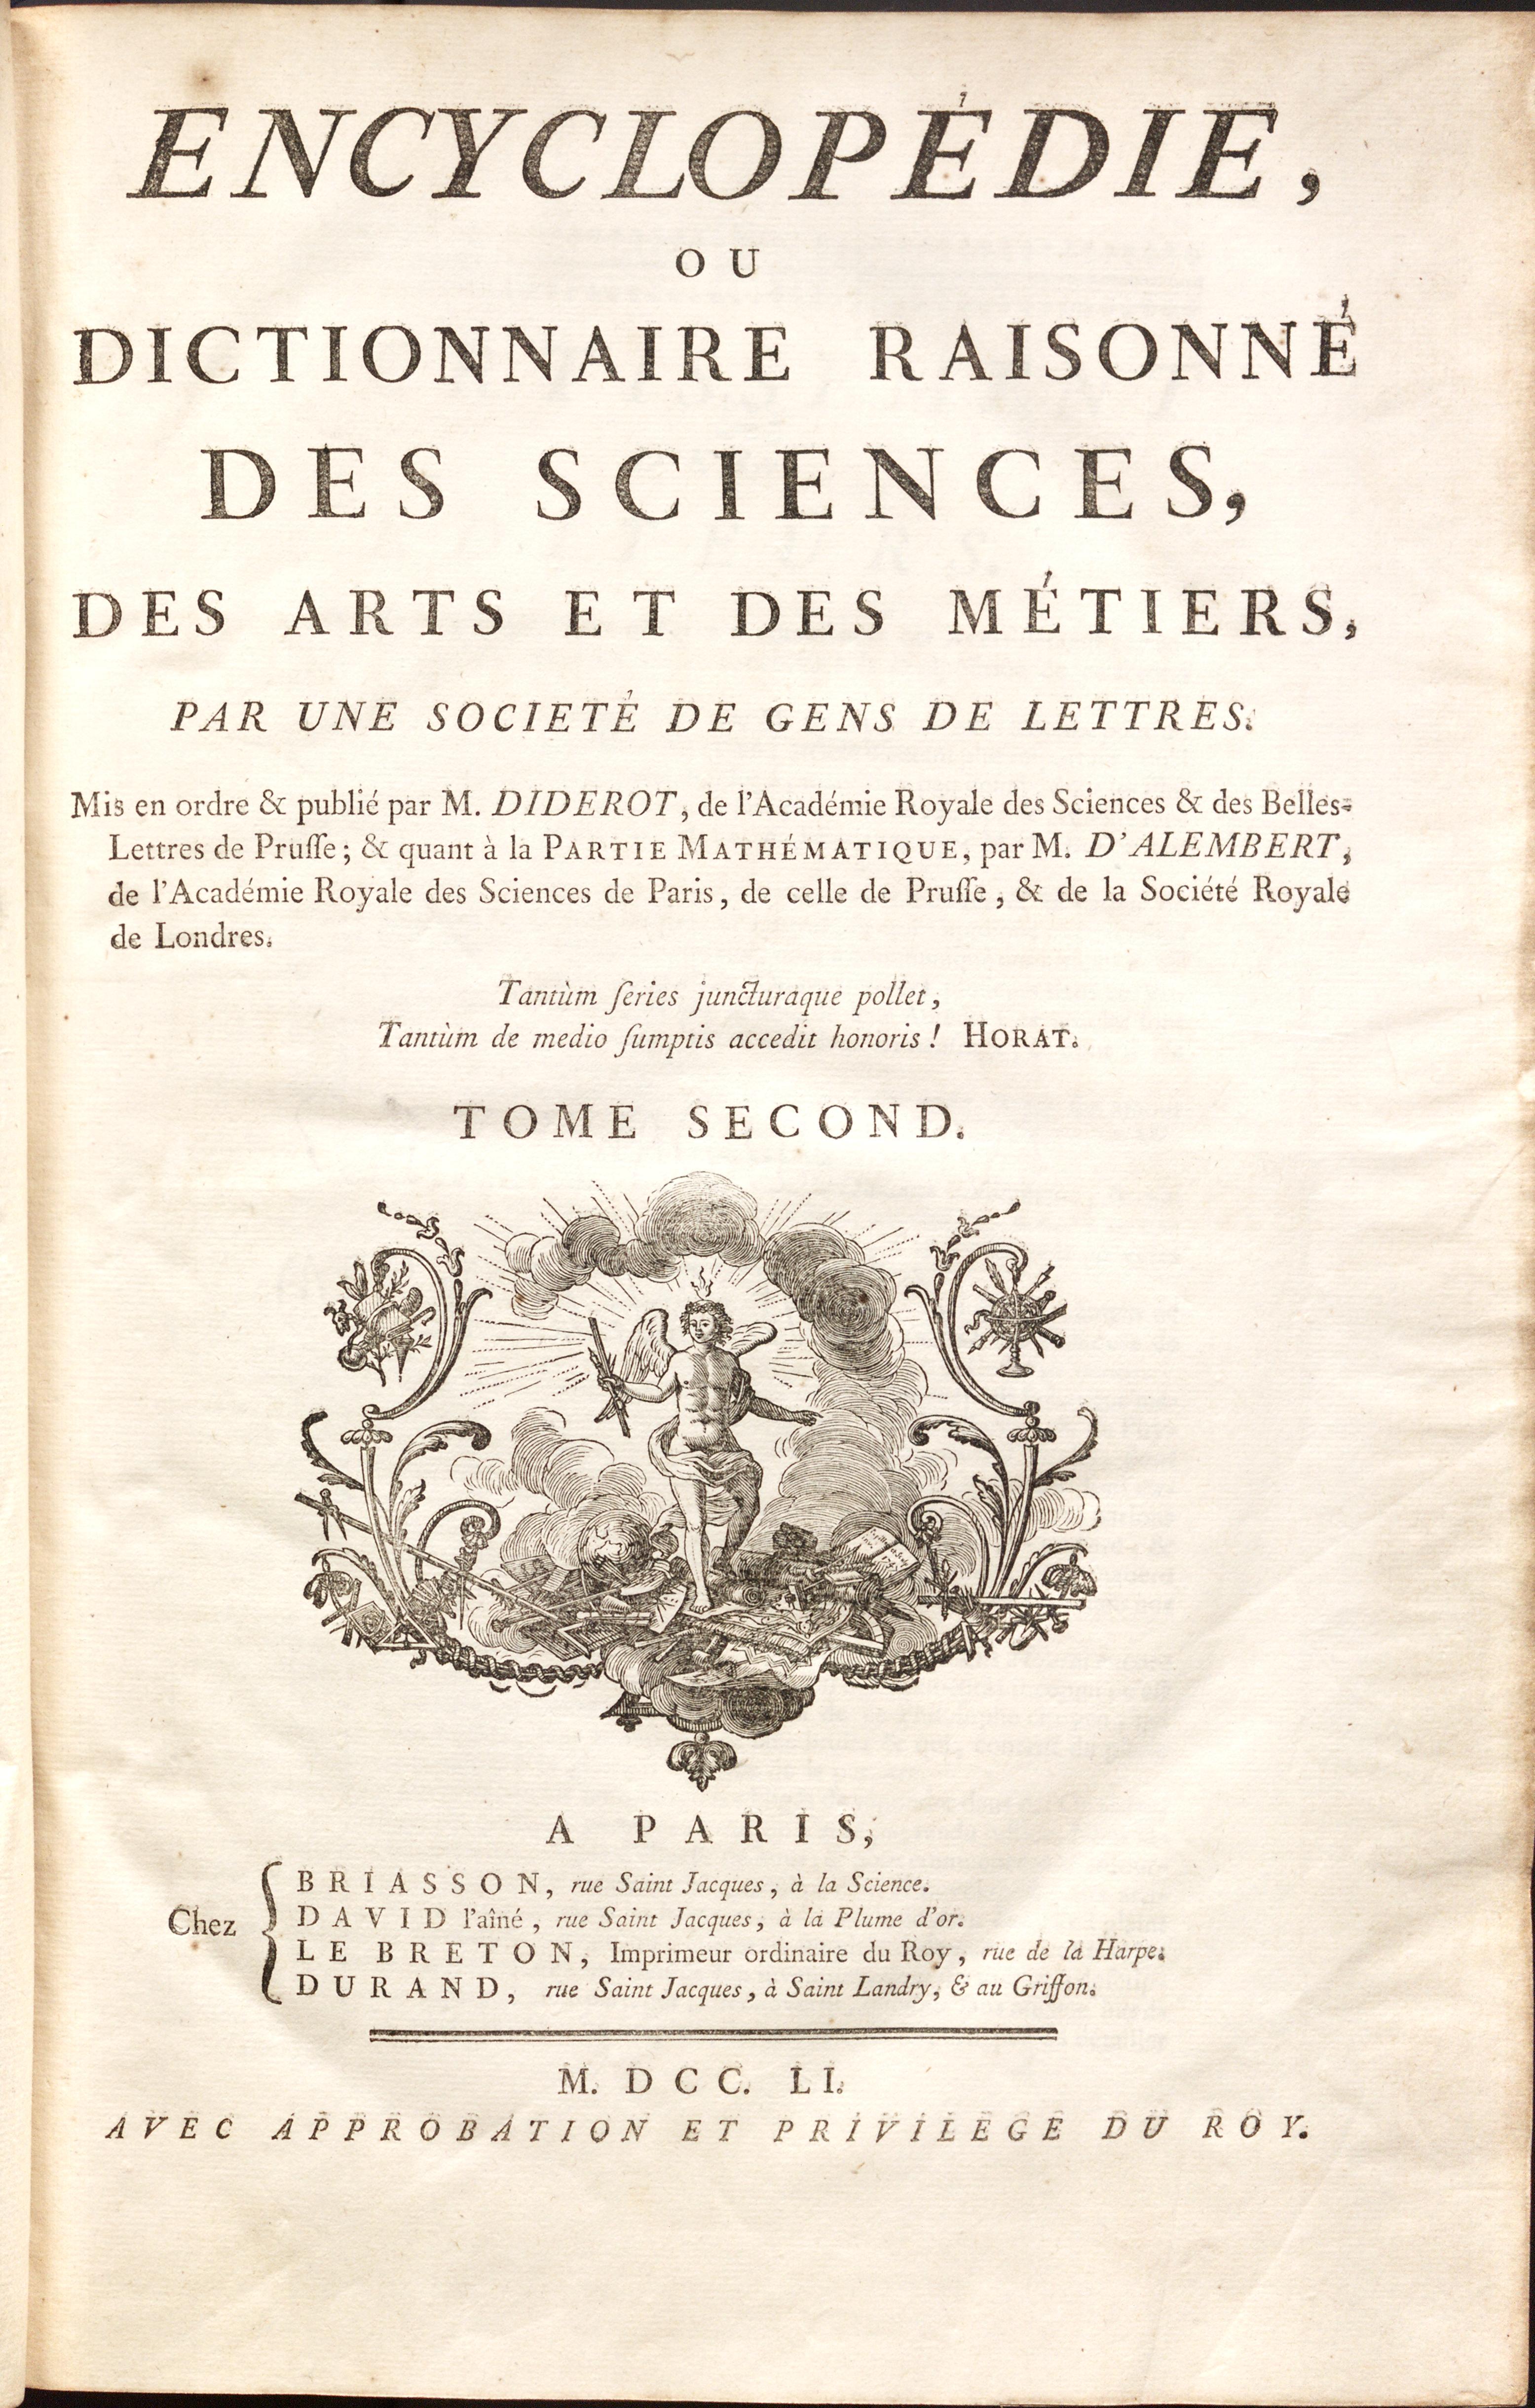 Diderot's Encylopedie (1751)